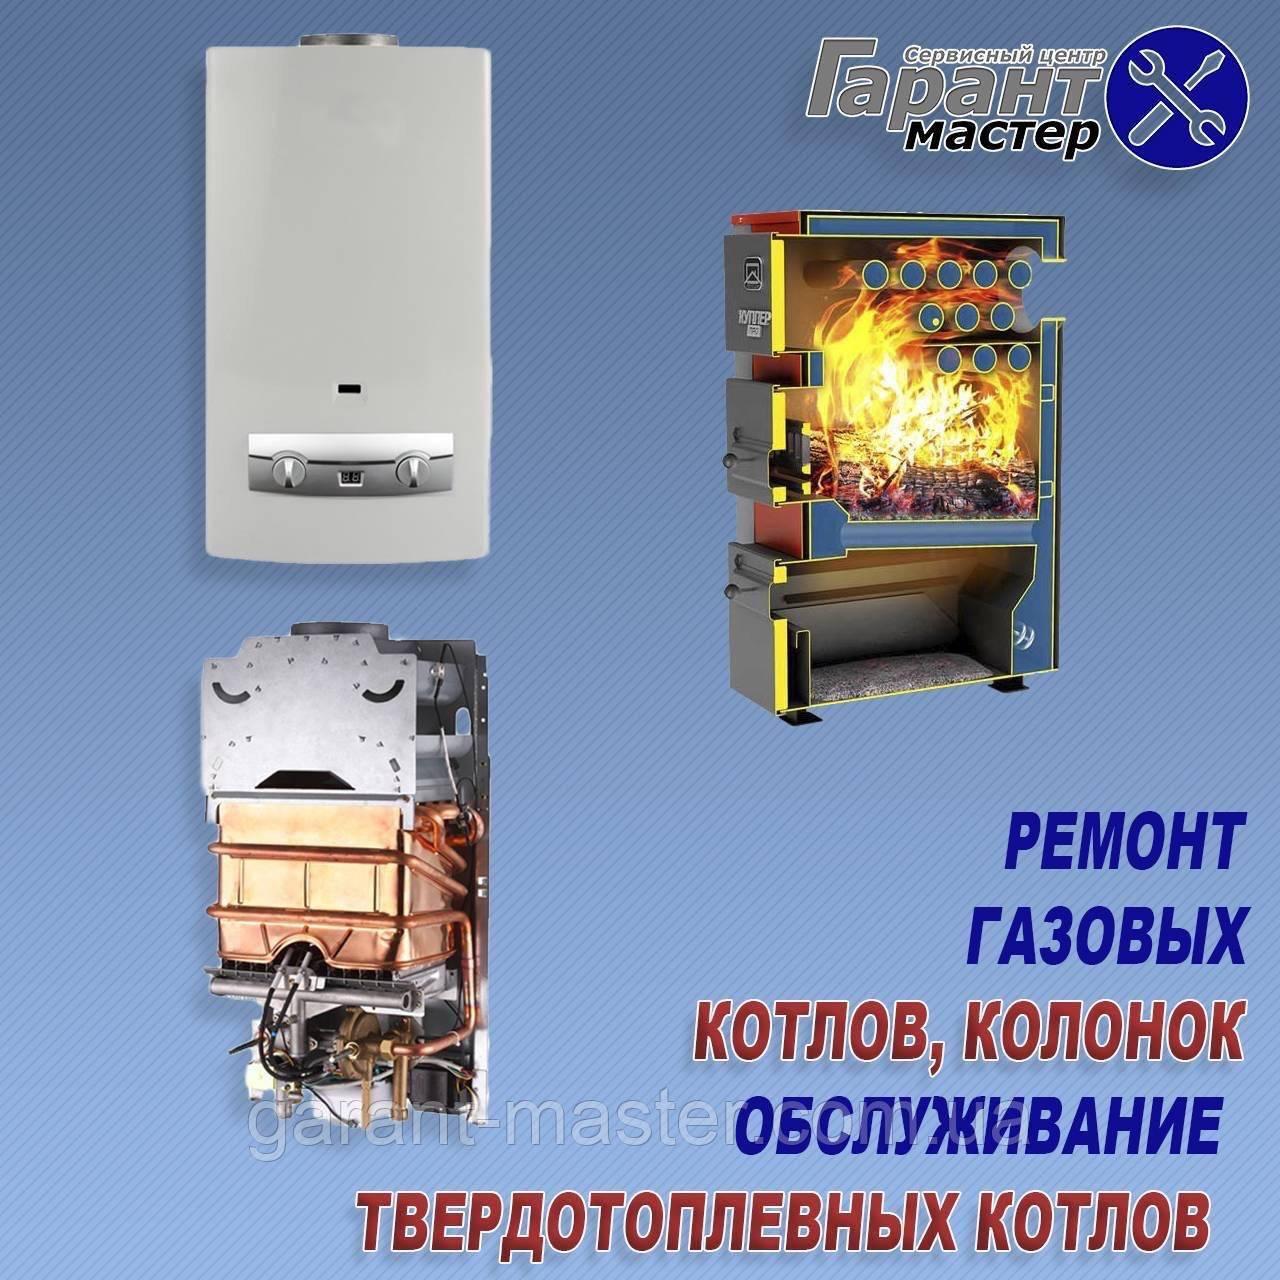 Ремонт газовой колонки, котла ELECTROLUX в Криво Роге